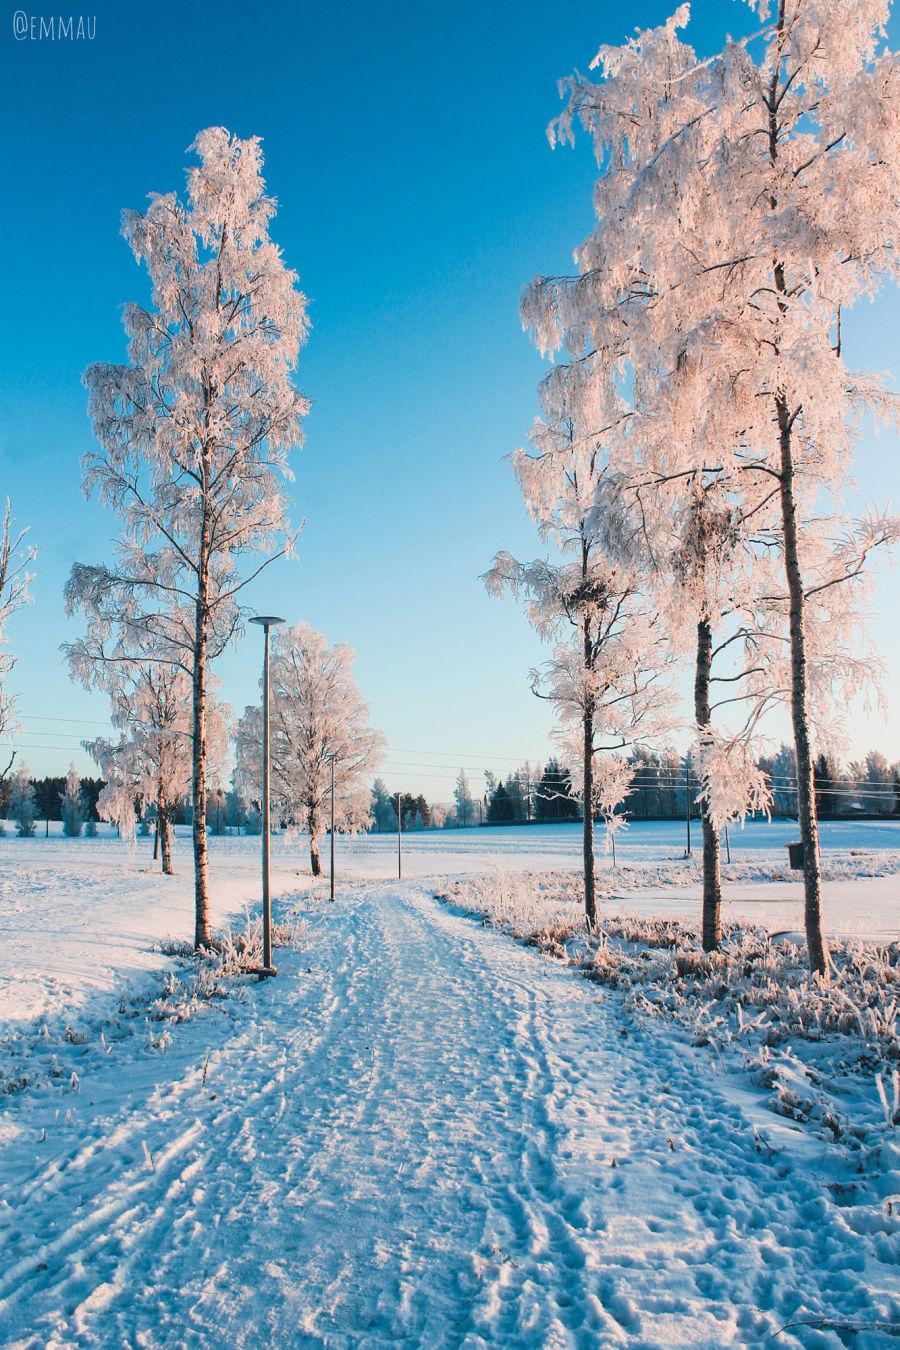 Lmen peittämä talvinen kävelykatu